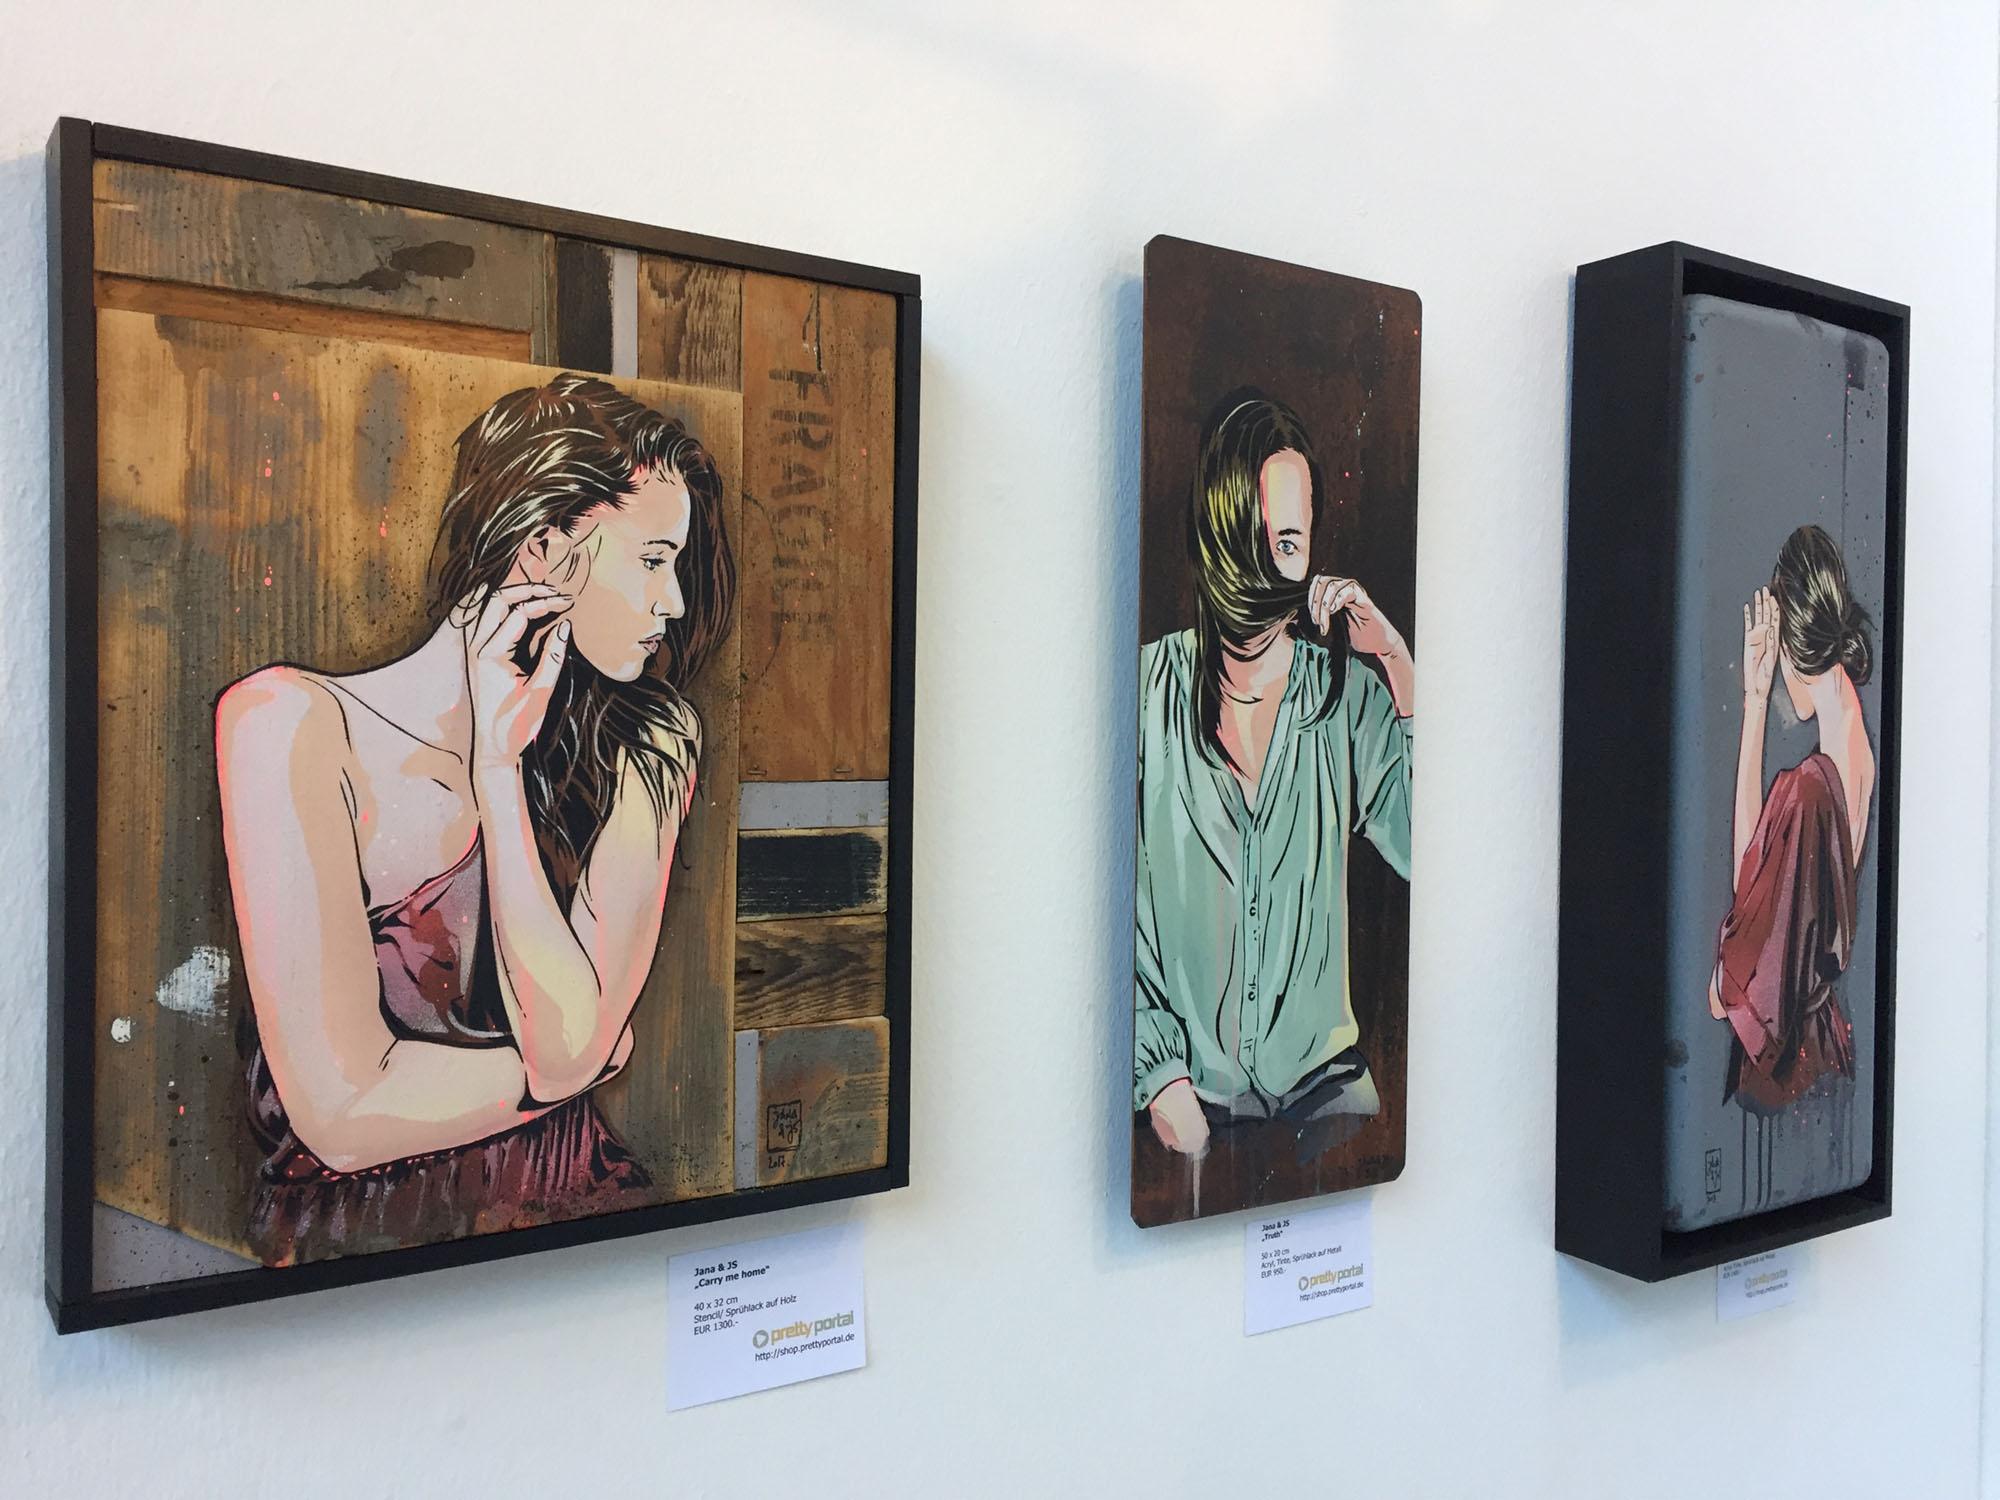 Coverage: Stroke Art Fair 2017 Artes & contextos Str 20